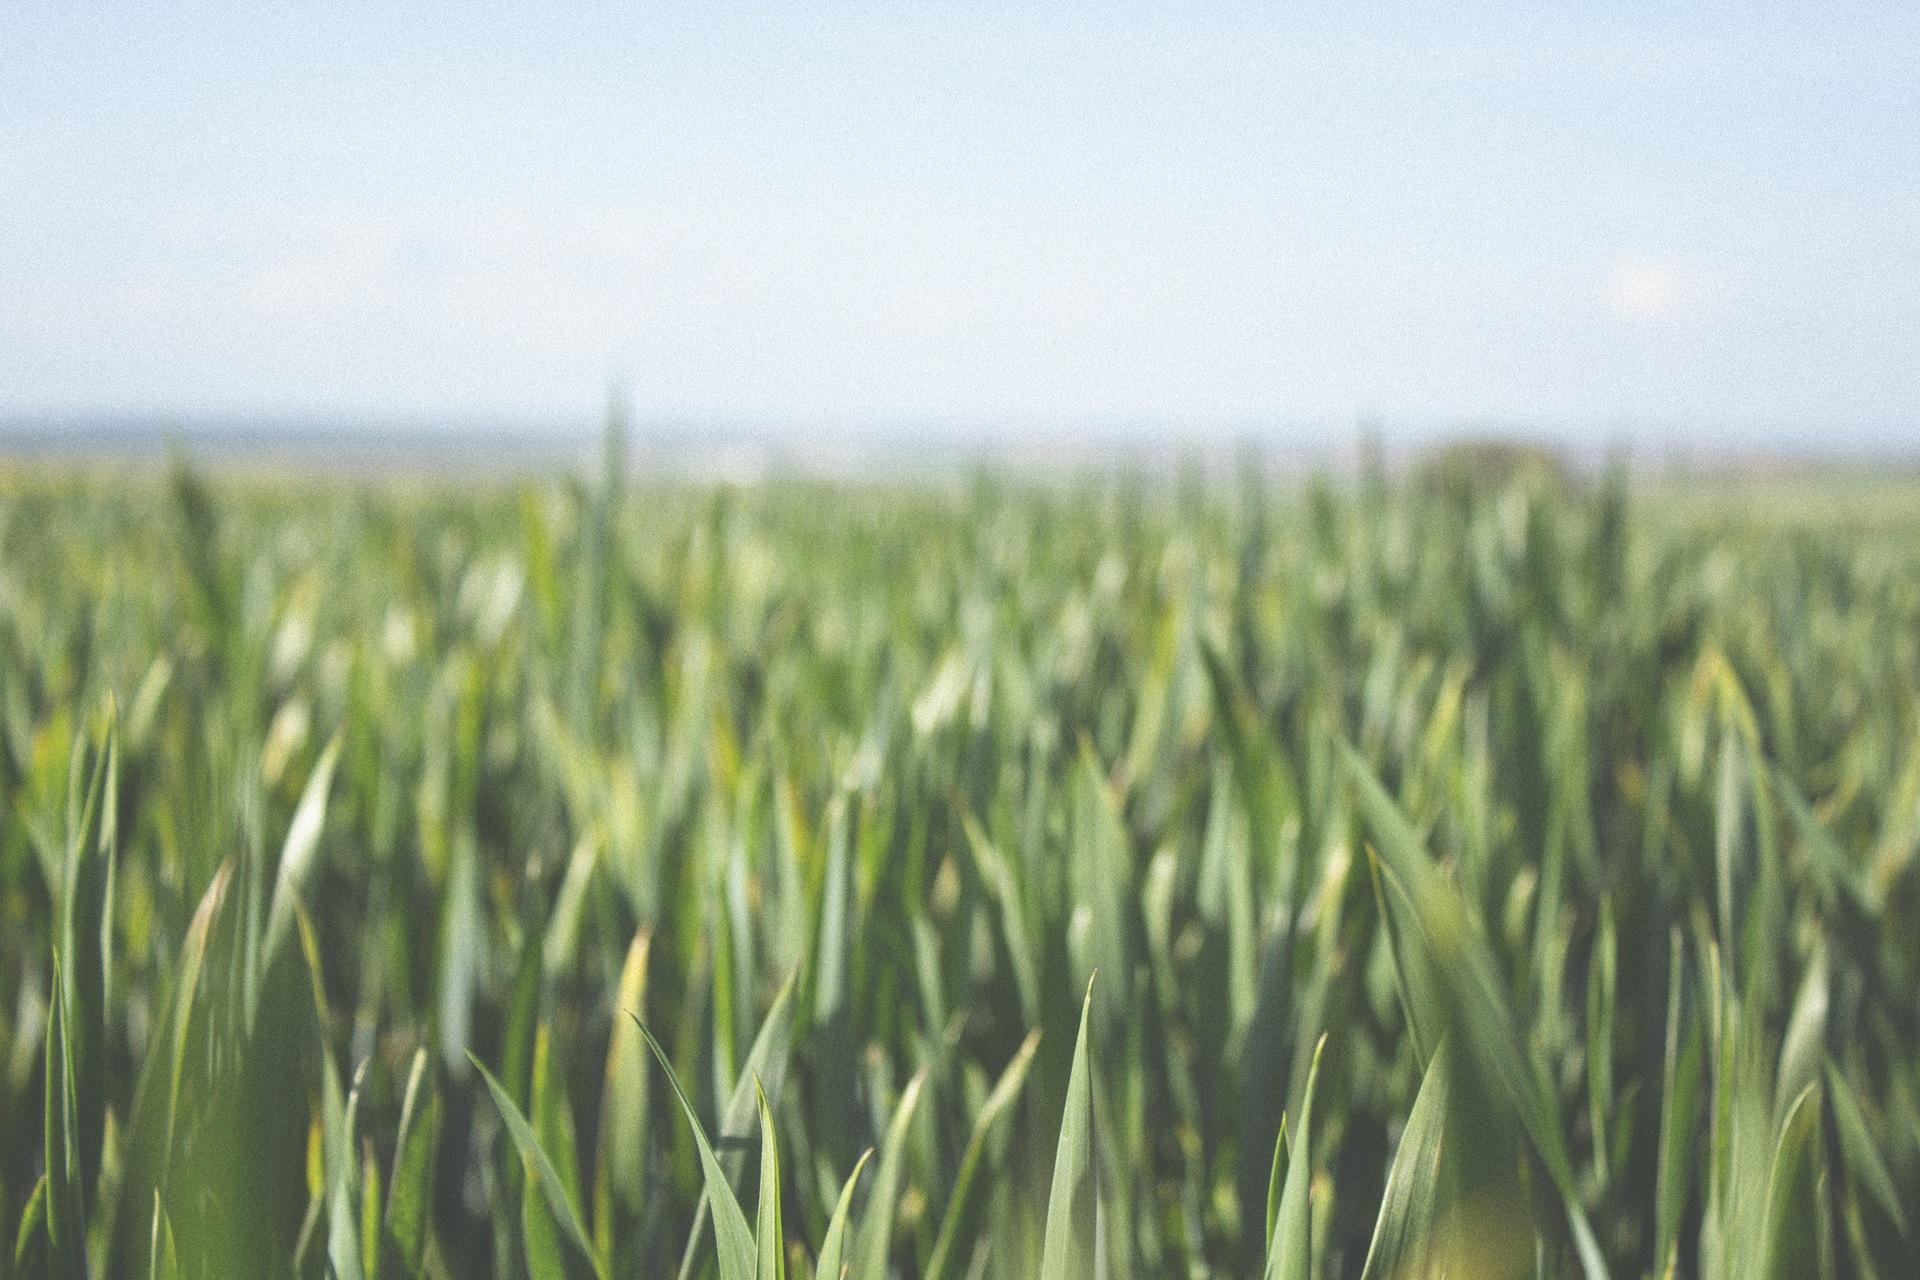 草, 普拉多, 天空, 放松, 绿色 - 高清壁纸 - 教授-falken.com